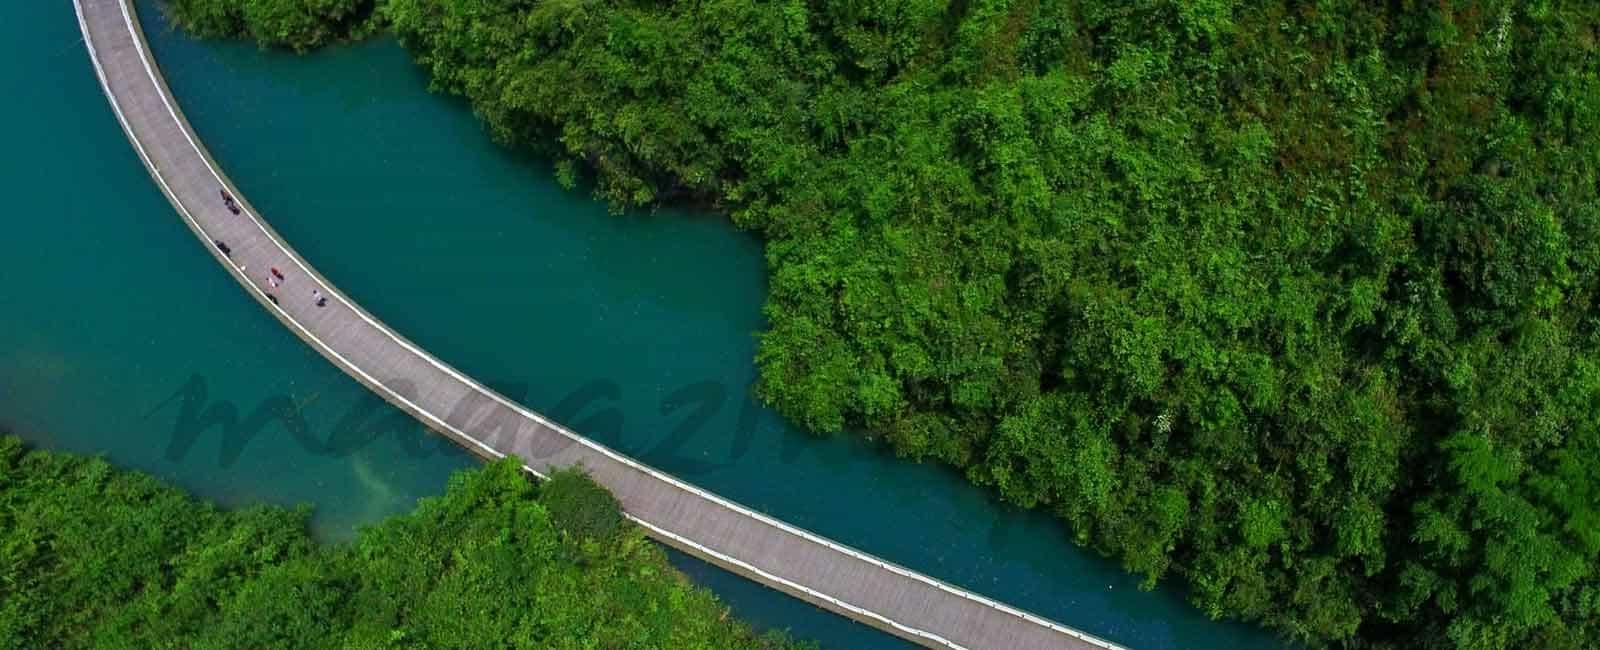 El increíble puente de madera sobre el río Shiziguan